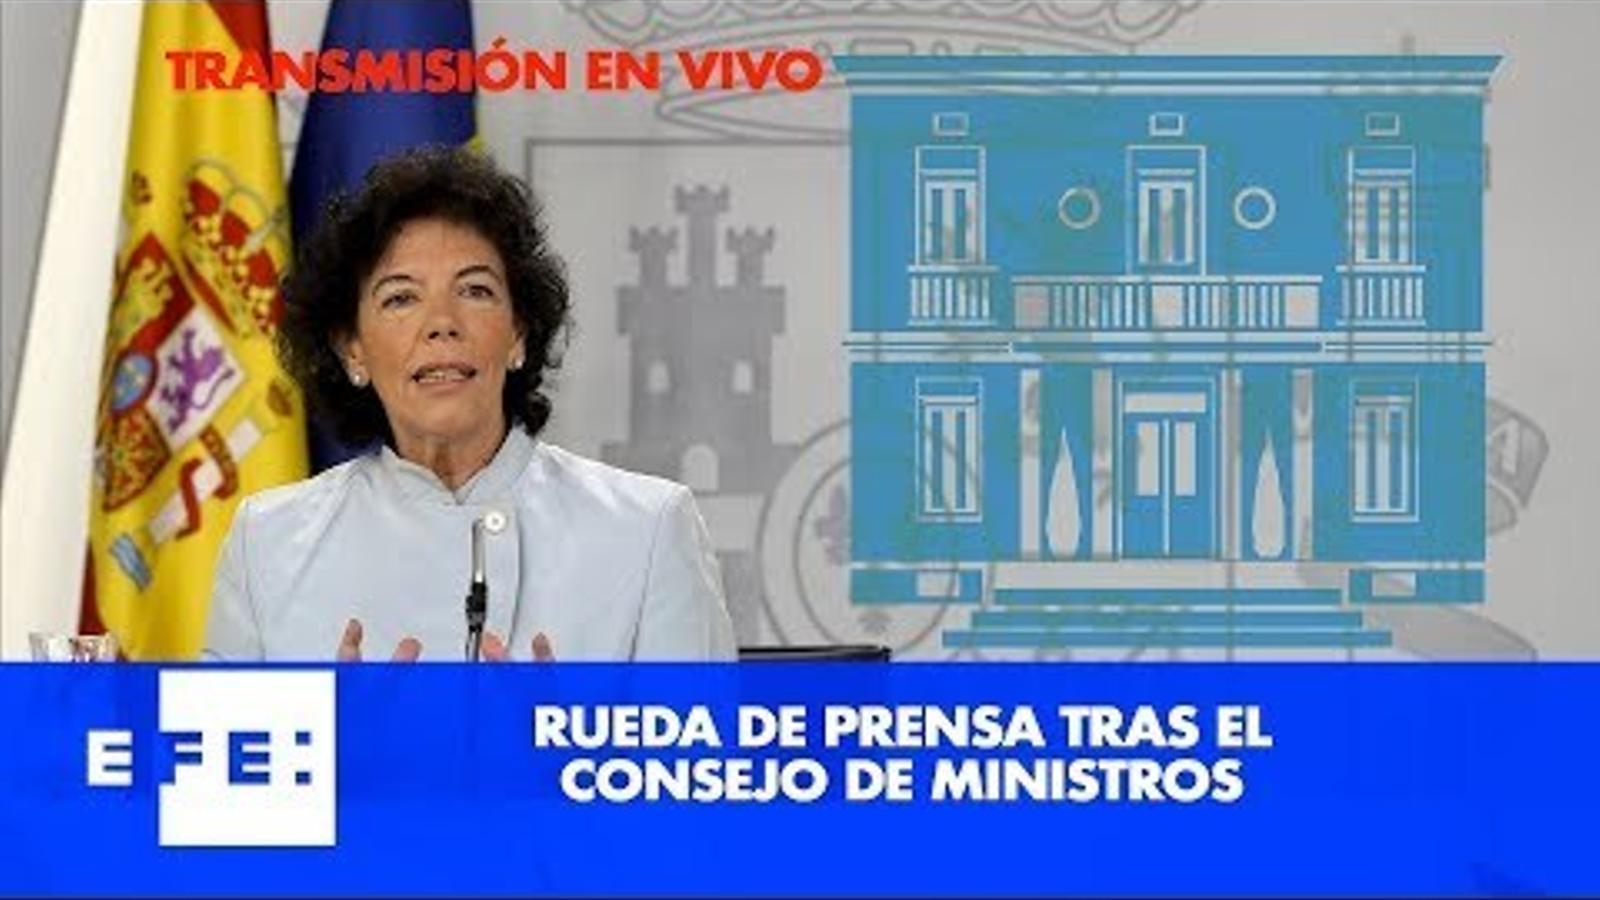 El govern espanyol inicia la declaració del Llevant de Mallorca com a zona catastròfica